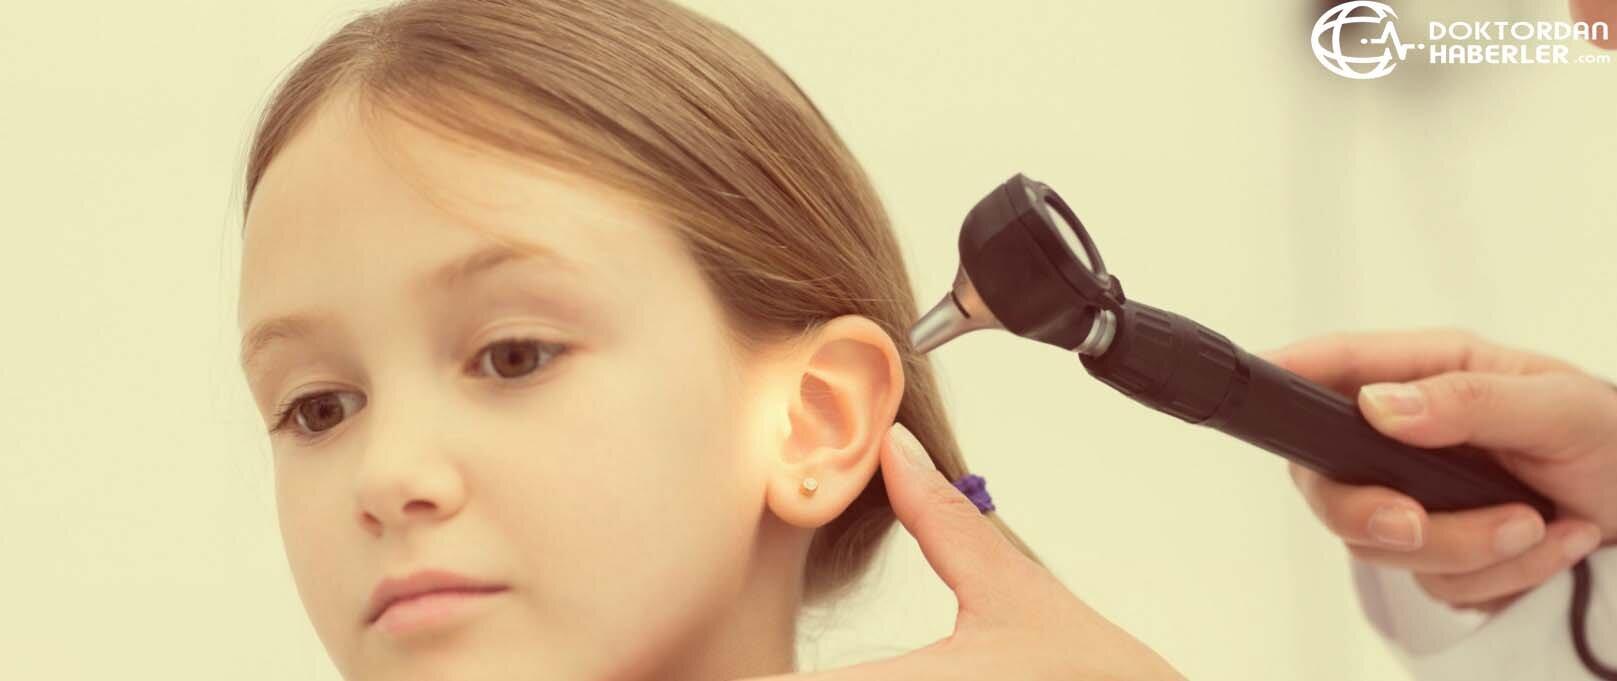 kulak agrisi icin kullanılan ilaclar